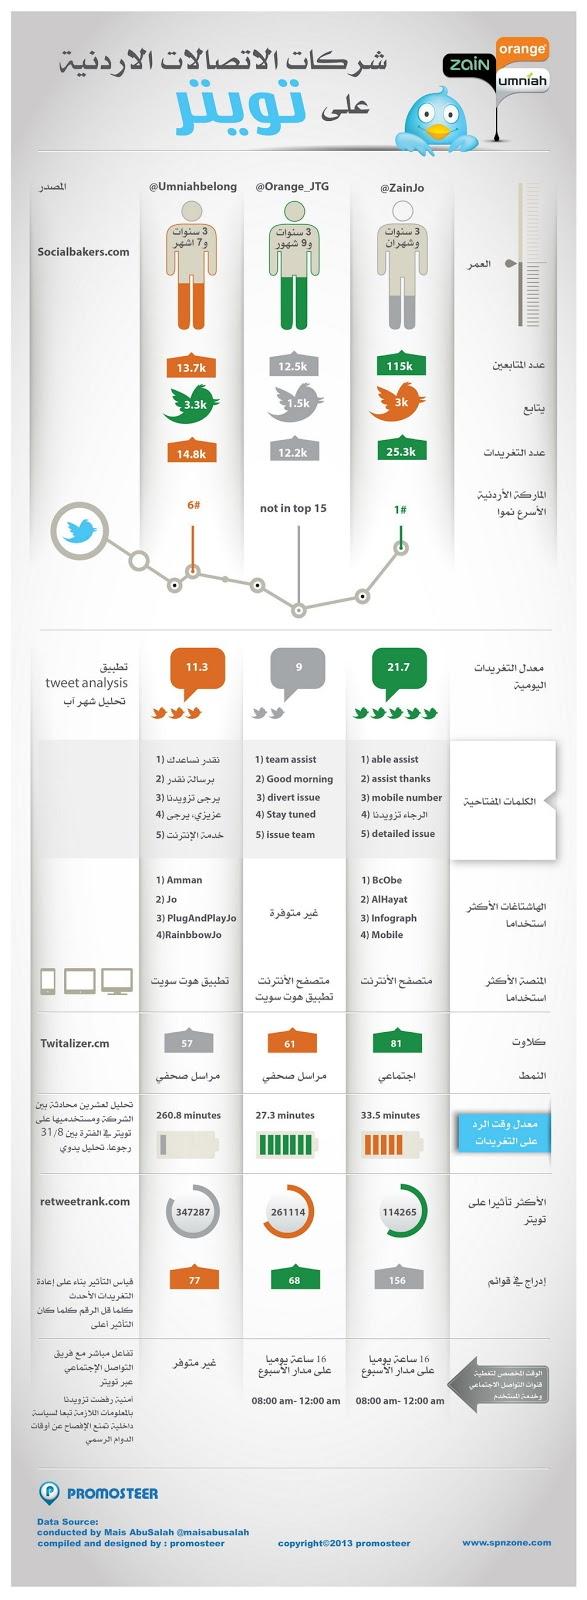 شركات الاتصالات الأردنية على تويتر - #انفوجرافيك